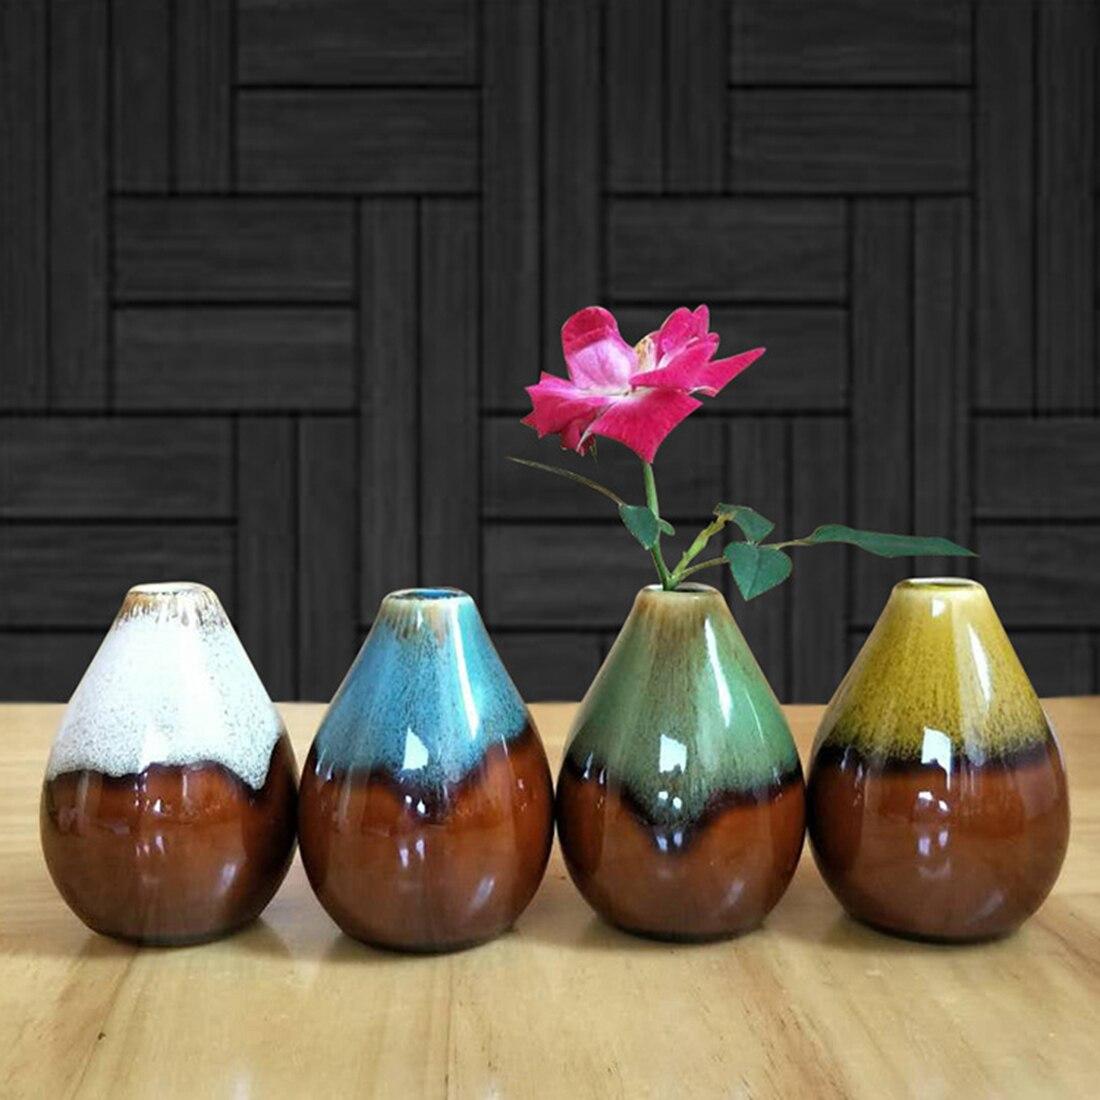 Мини-Европа Керамика ваза для цветов современная мода Керамика ваза кабинет прихожей дома Свадебные украшения креативный подарок